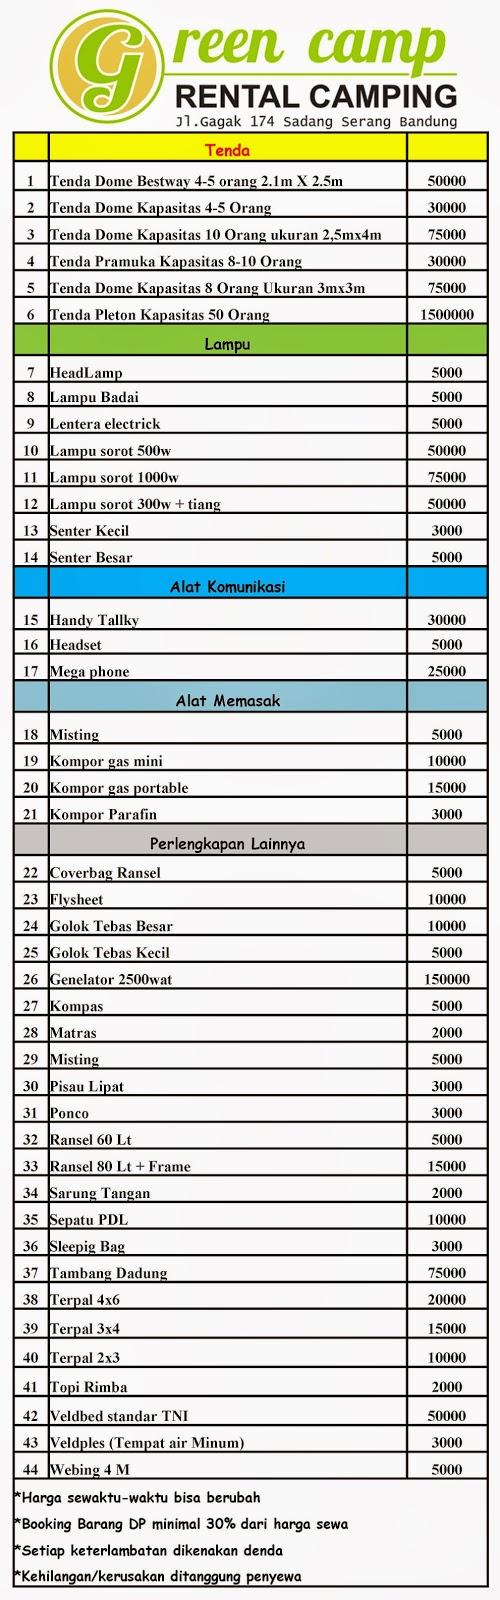 Sewa Tenda Sewa Tenda Camping Bandung Jalan Gagak